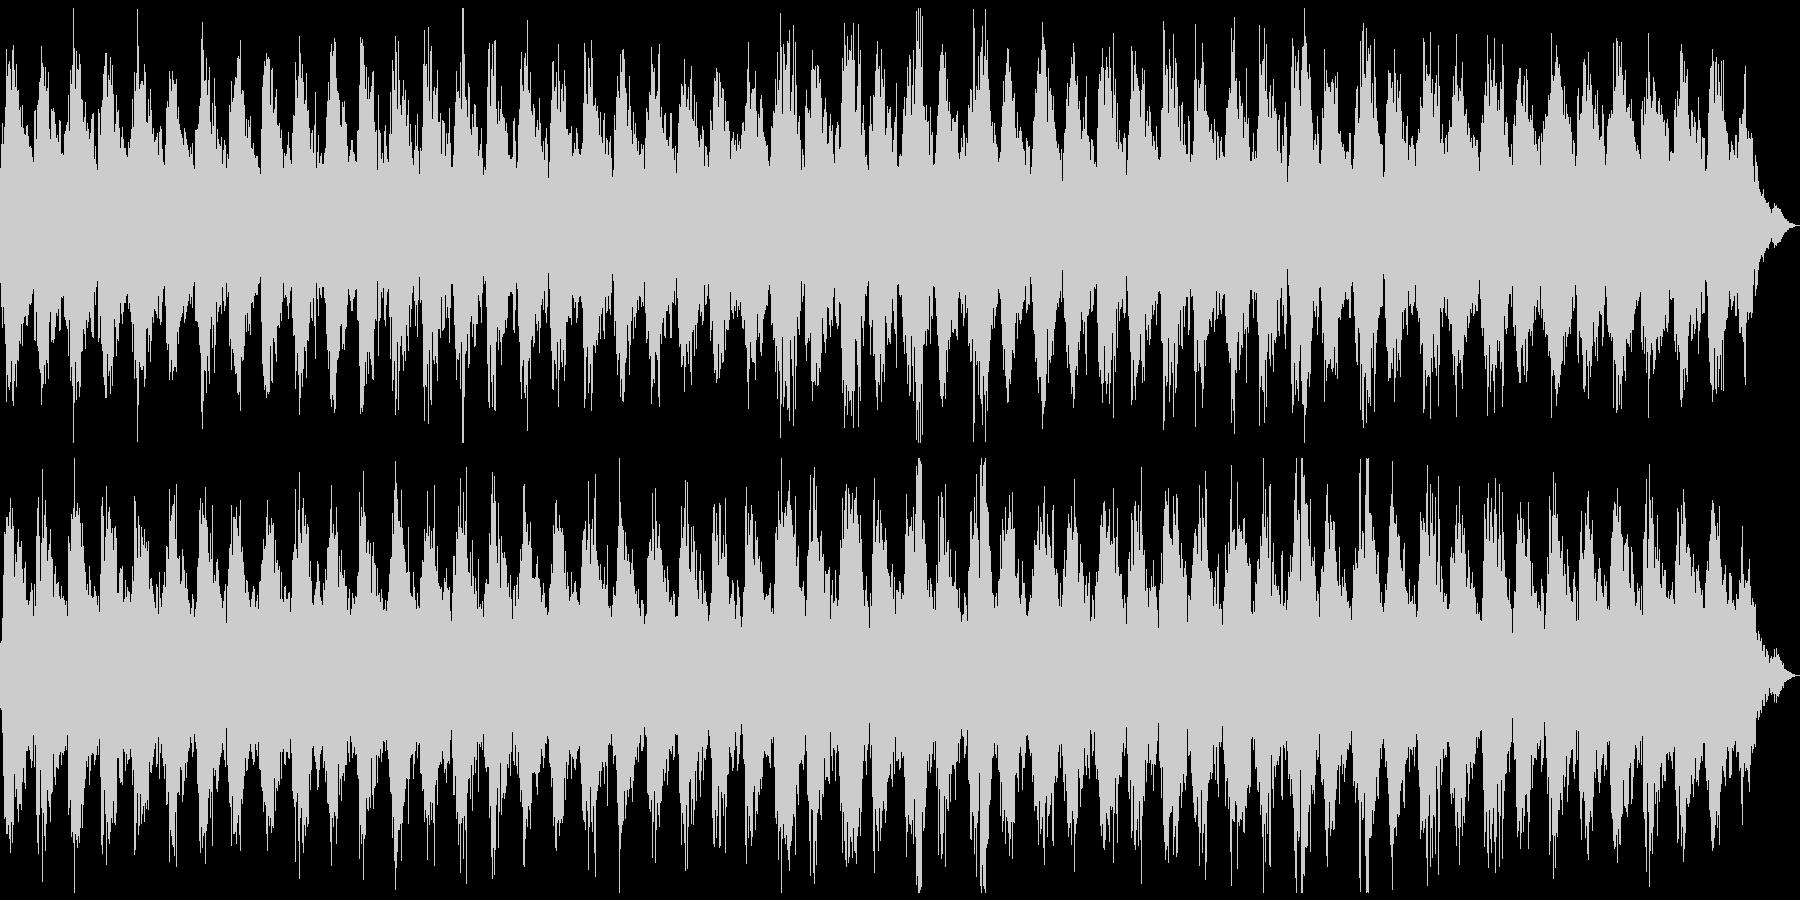 瞑想やヨガ、睡眠誘導のための音楽 04bの未再生の波形